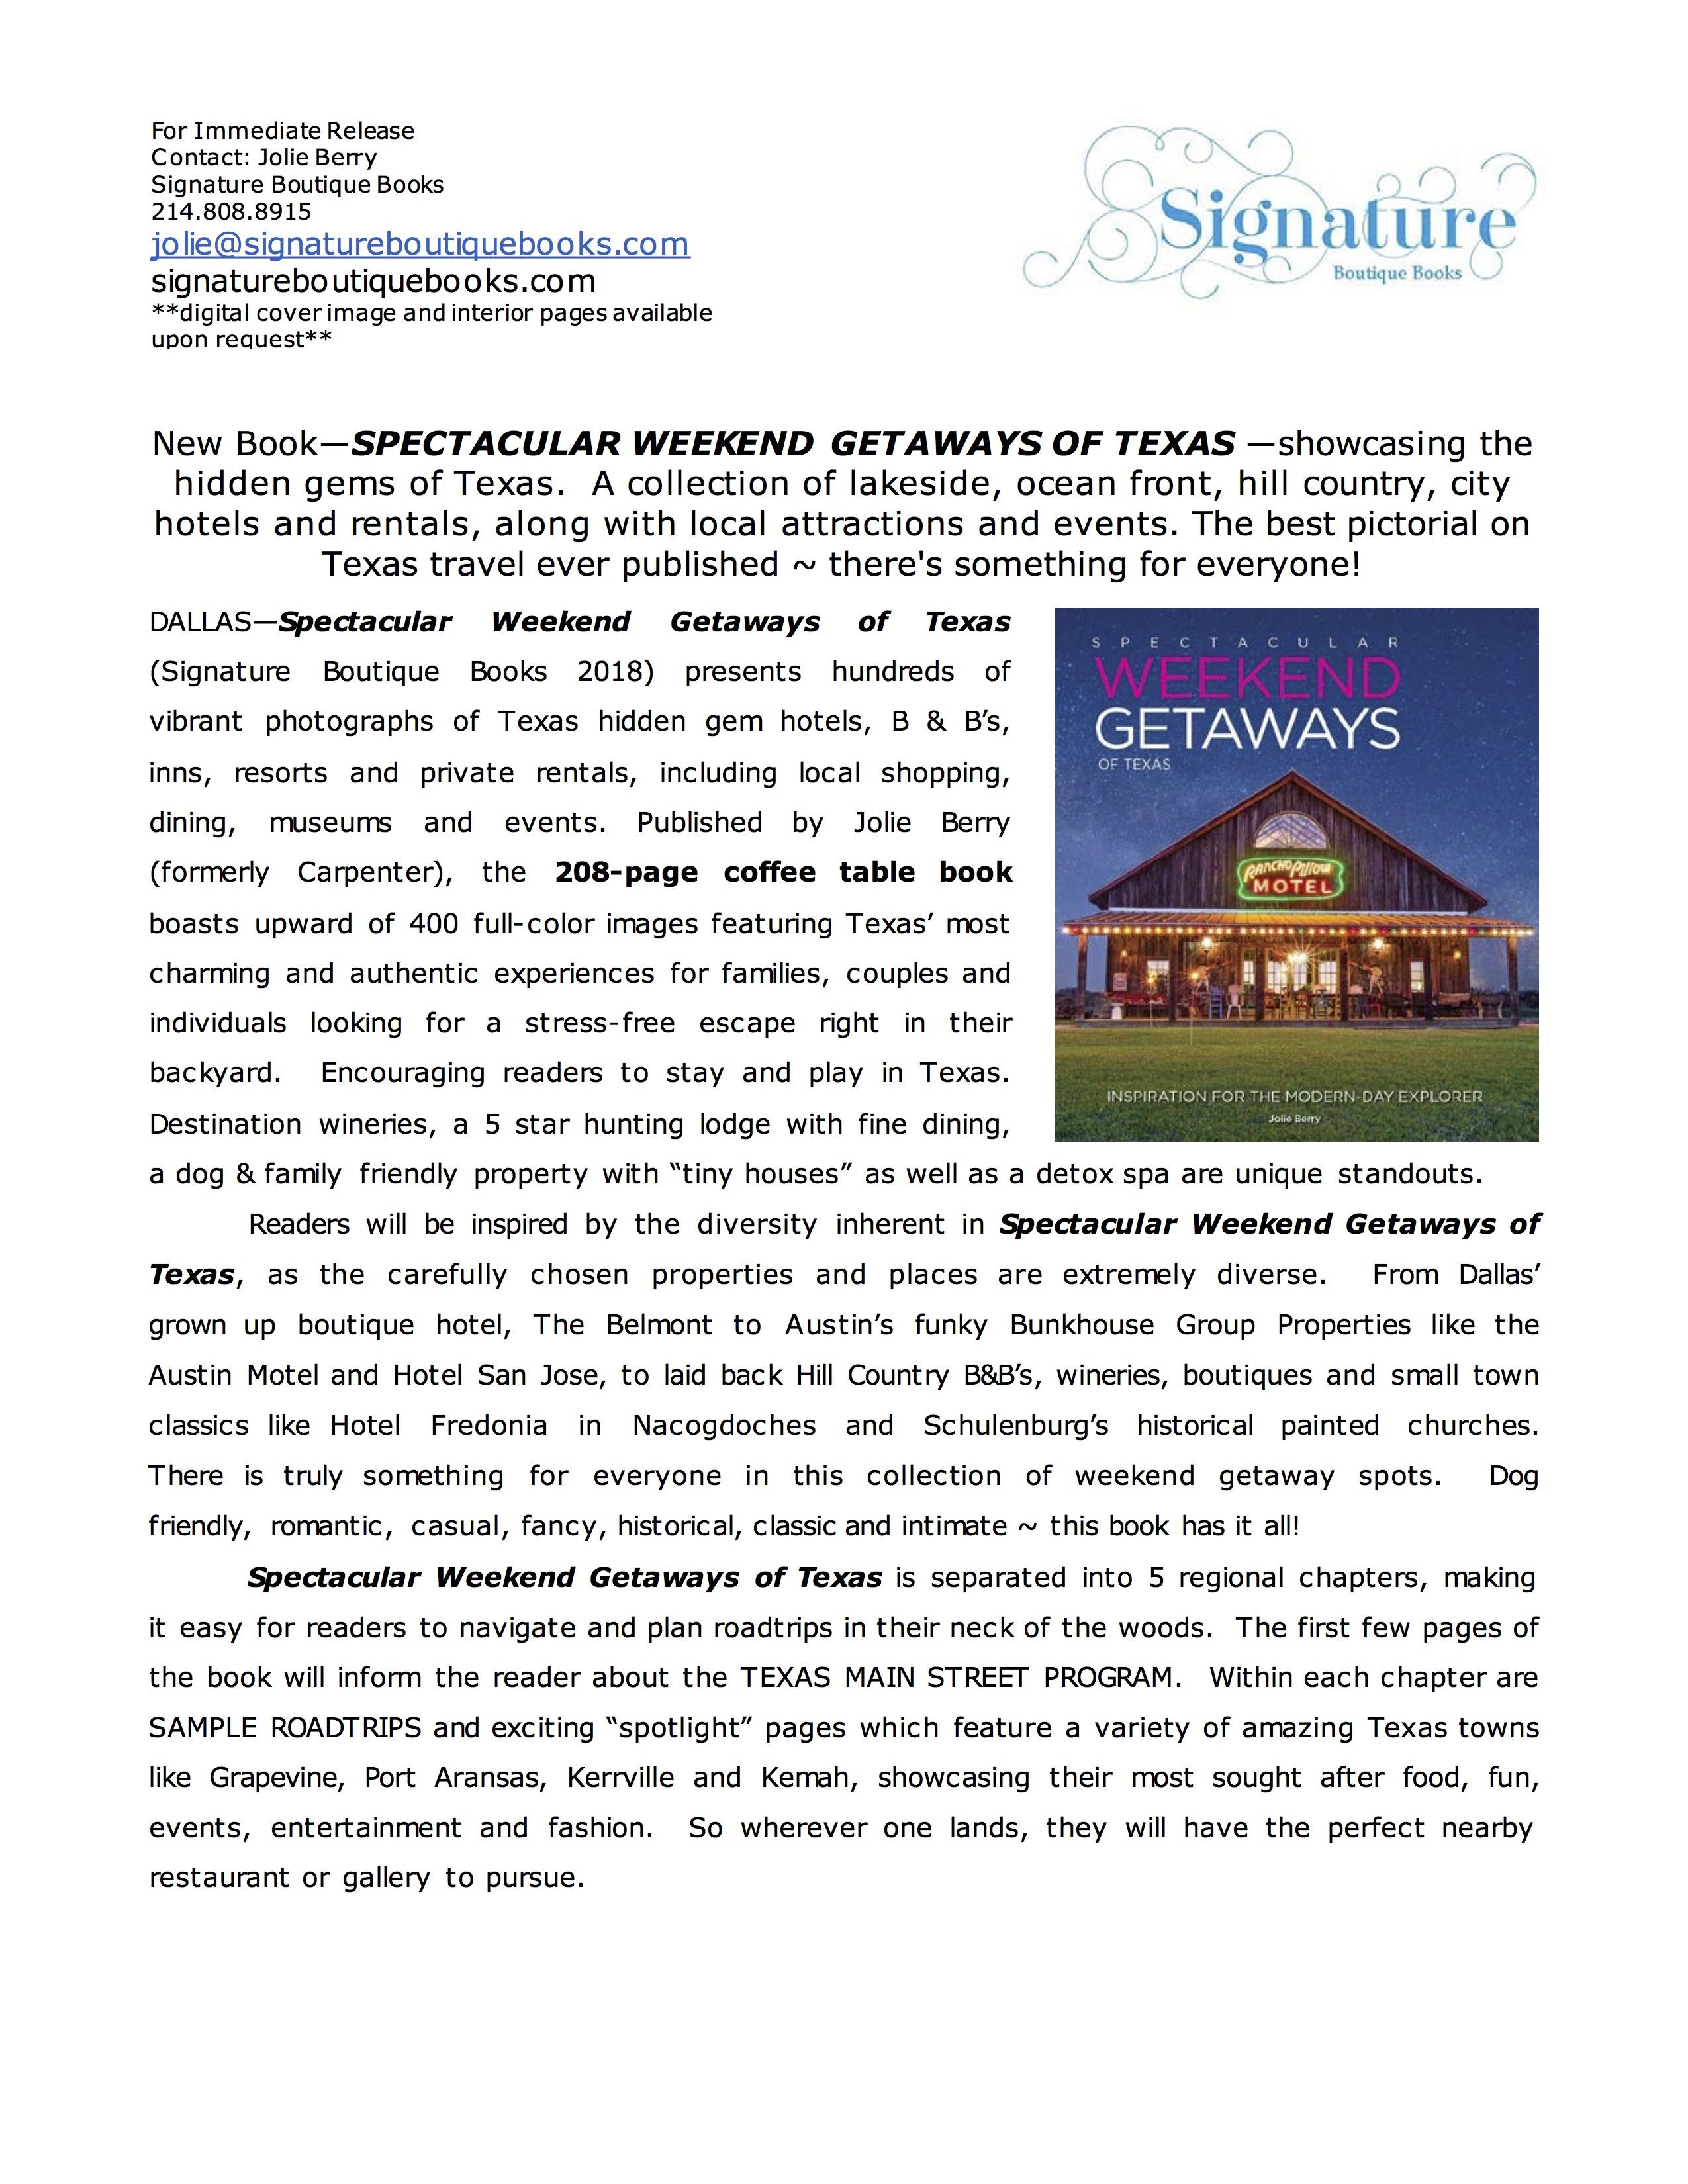 Weekend Getaways Press Release